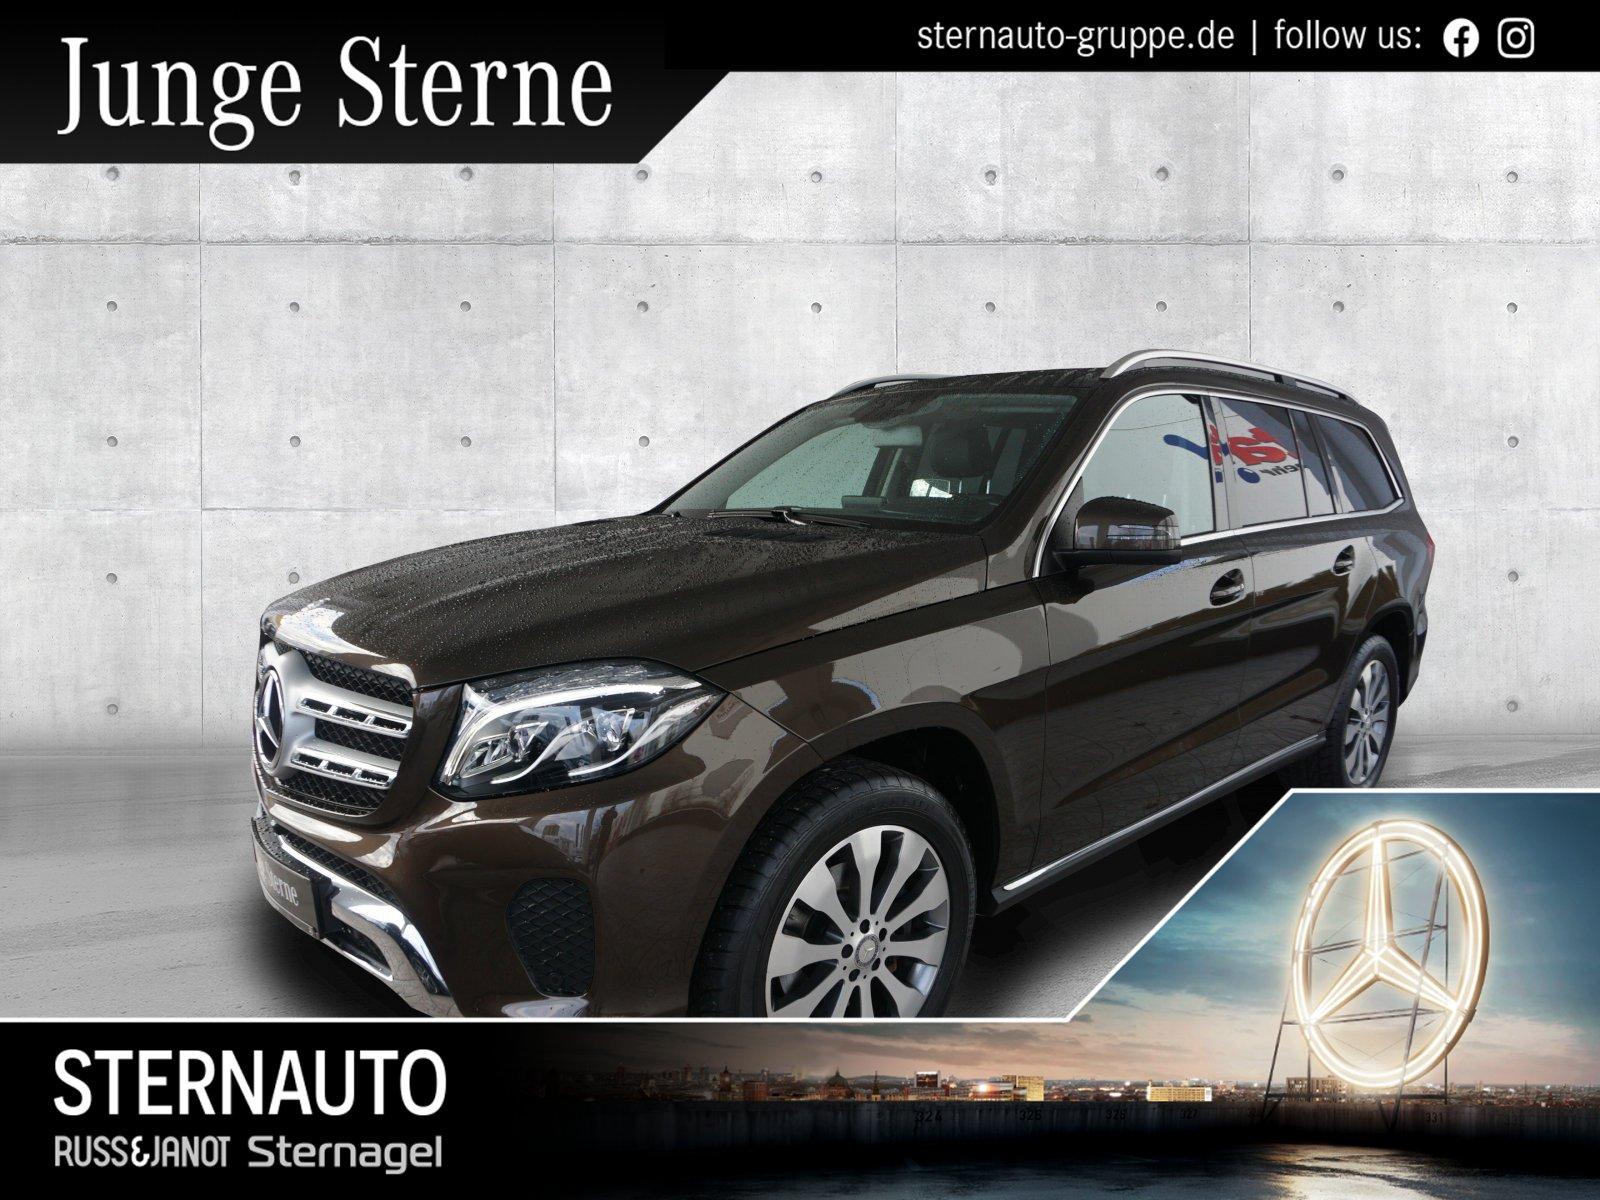 Mercedes-Benz GLS 350 d 4M COMAND/Pano.-Dach/360°-Kamera/ILS, Jahr 2016, Diesel